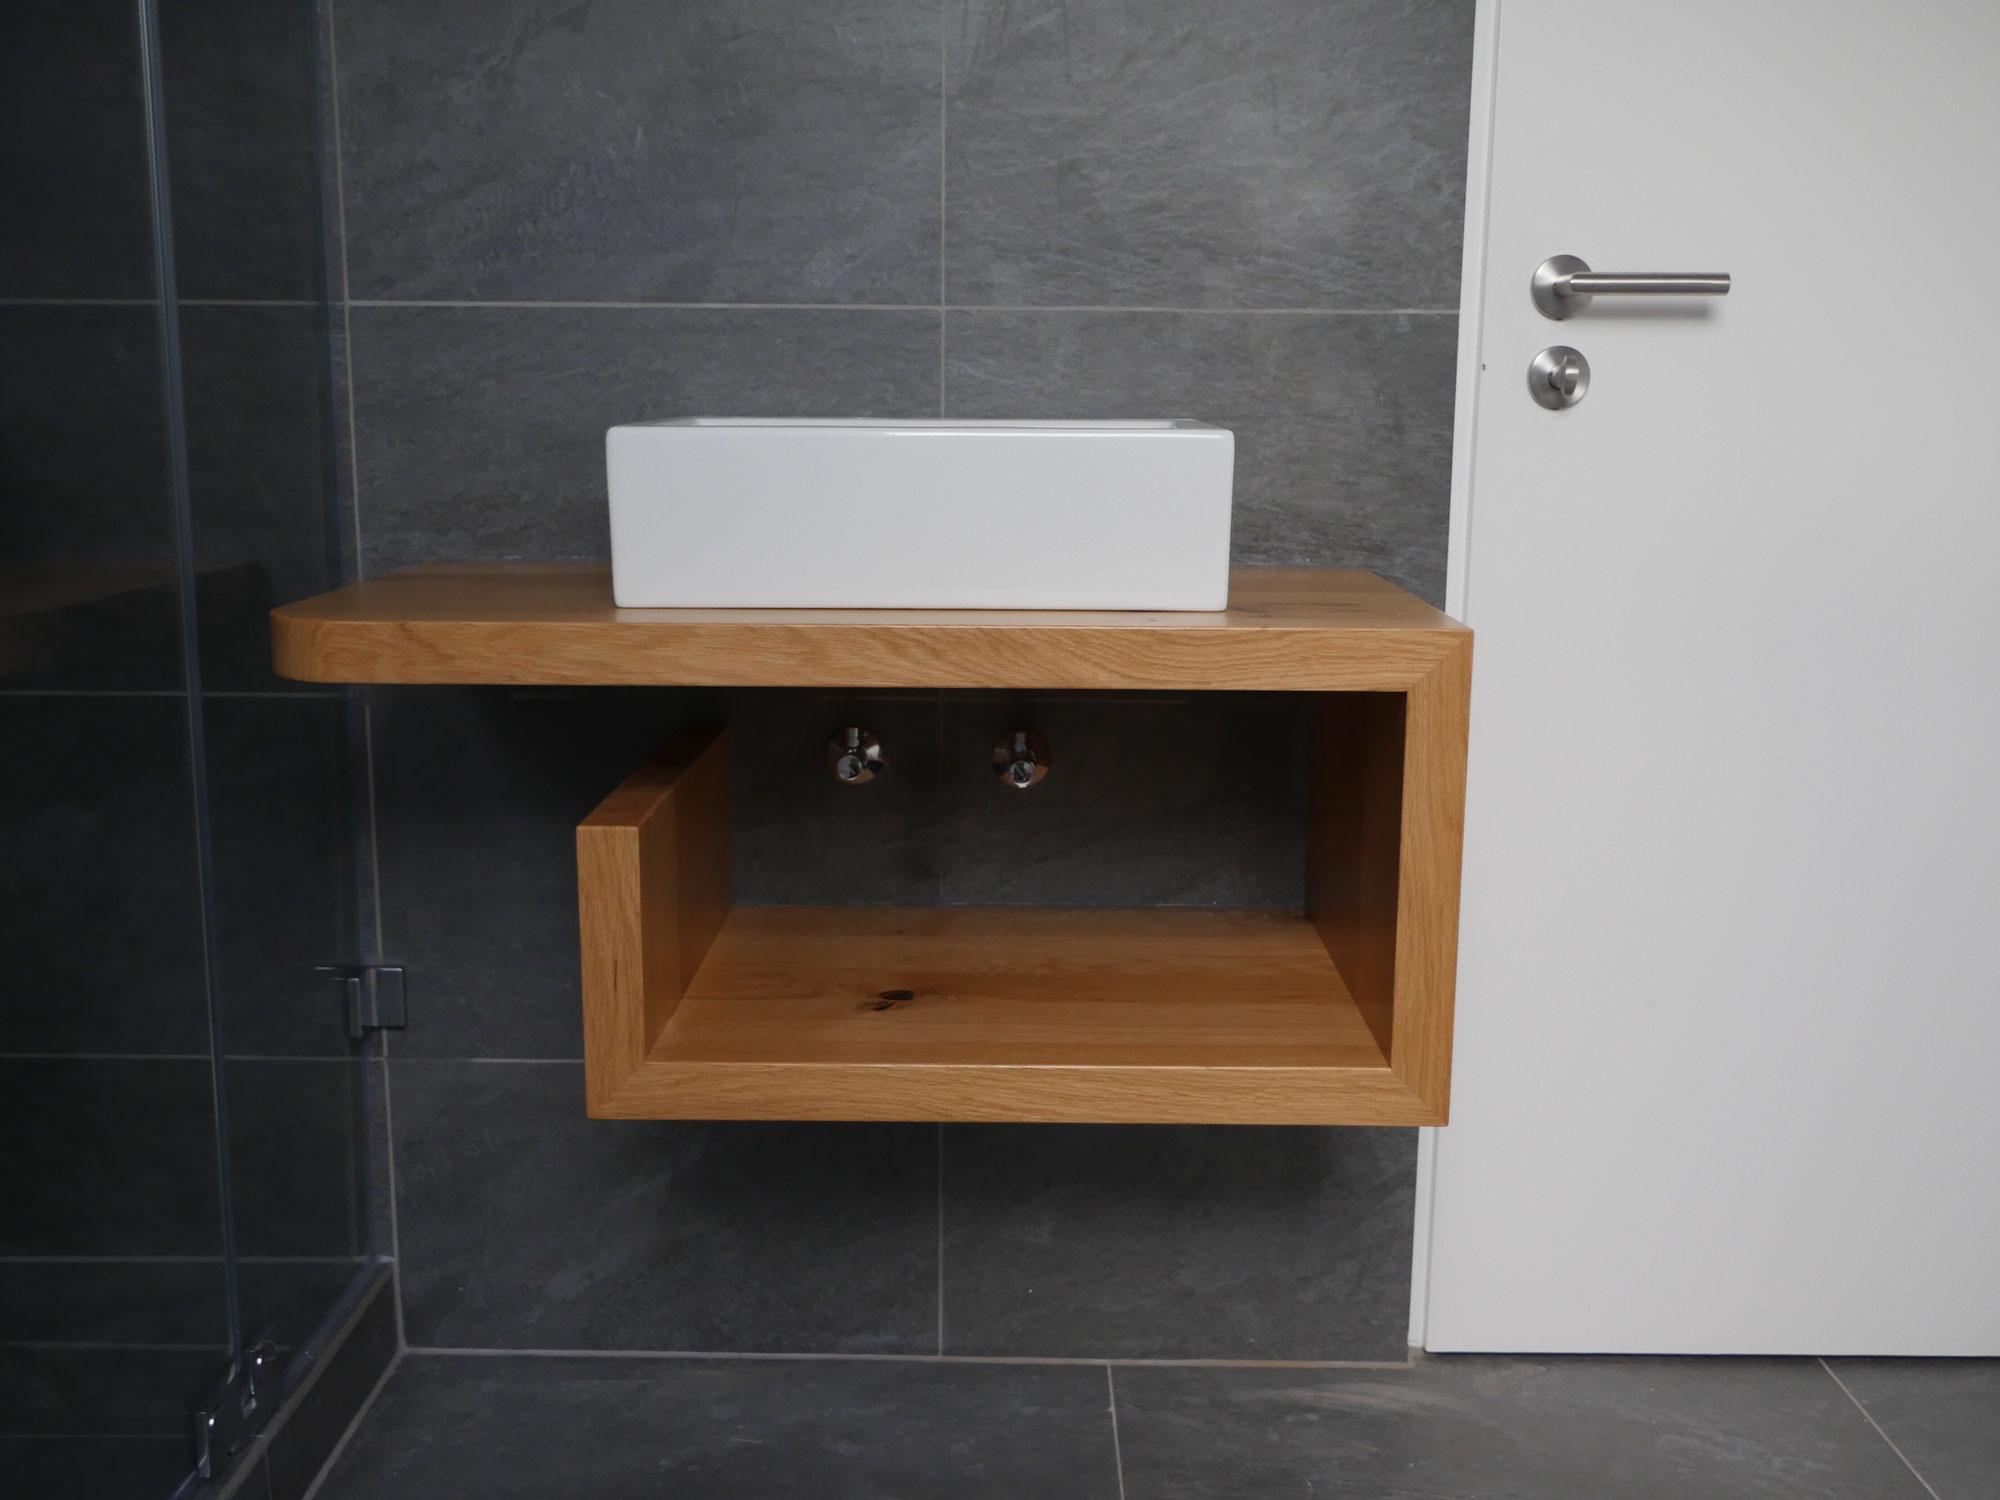 Waschtischunterschrank Holz  Schreinerei  Holzdesign Rapp Geisingen